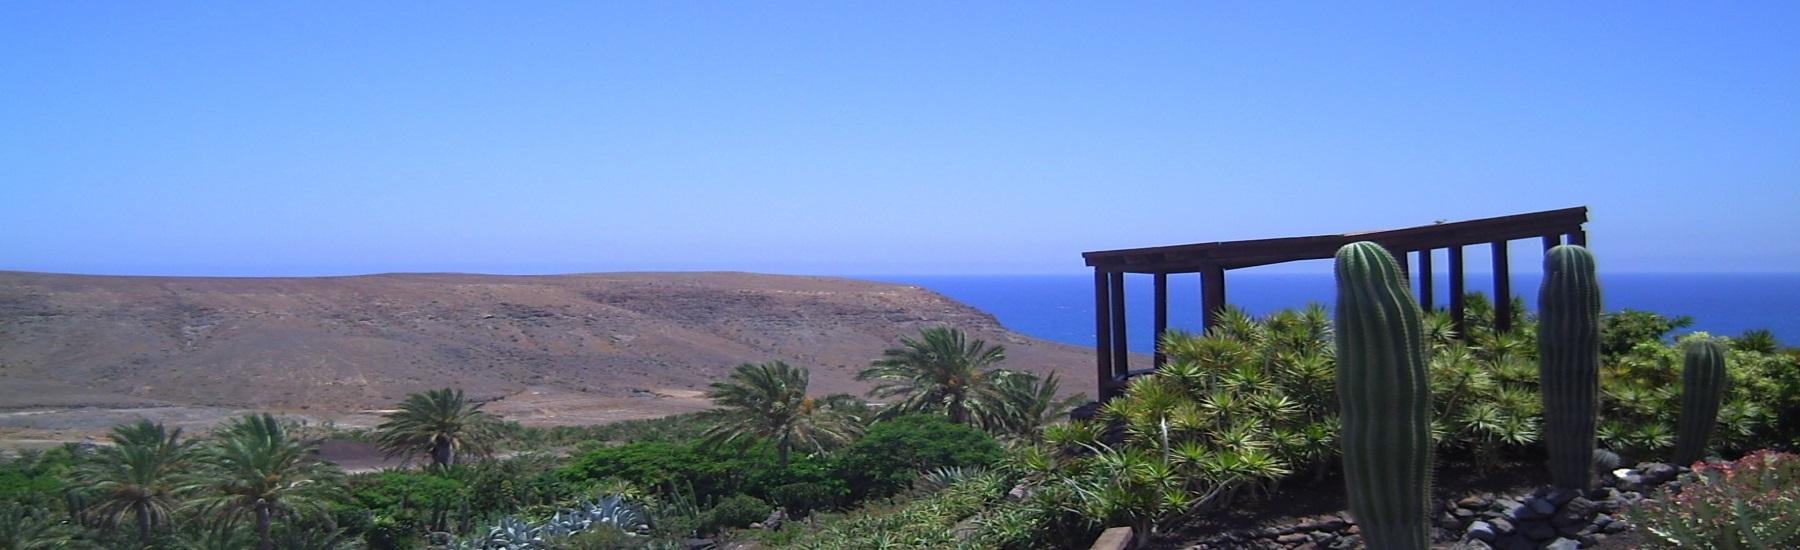 Fuerteventura excursions